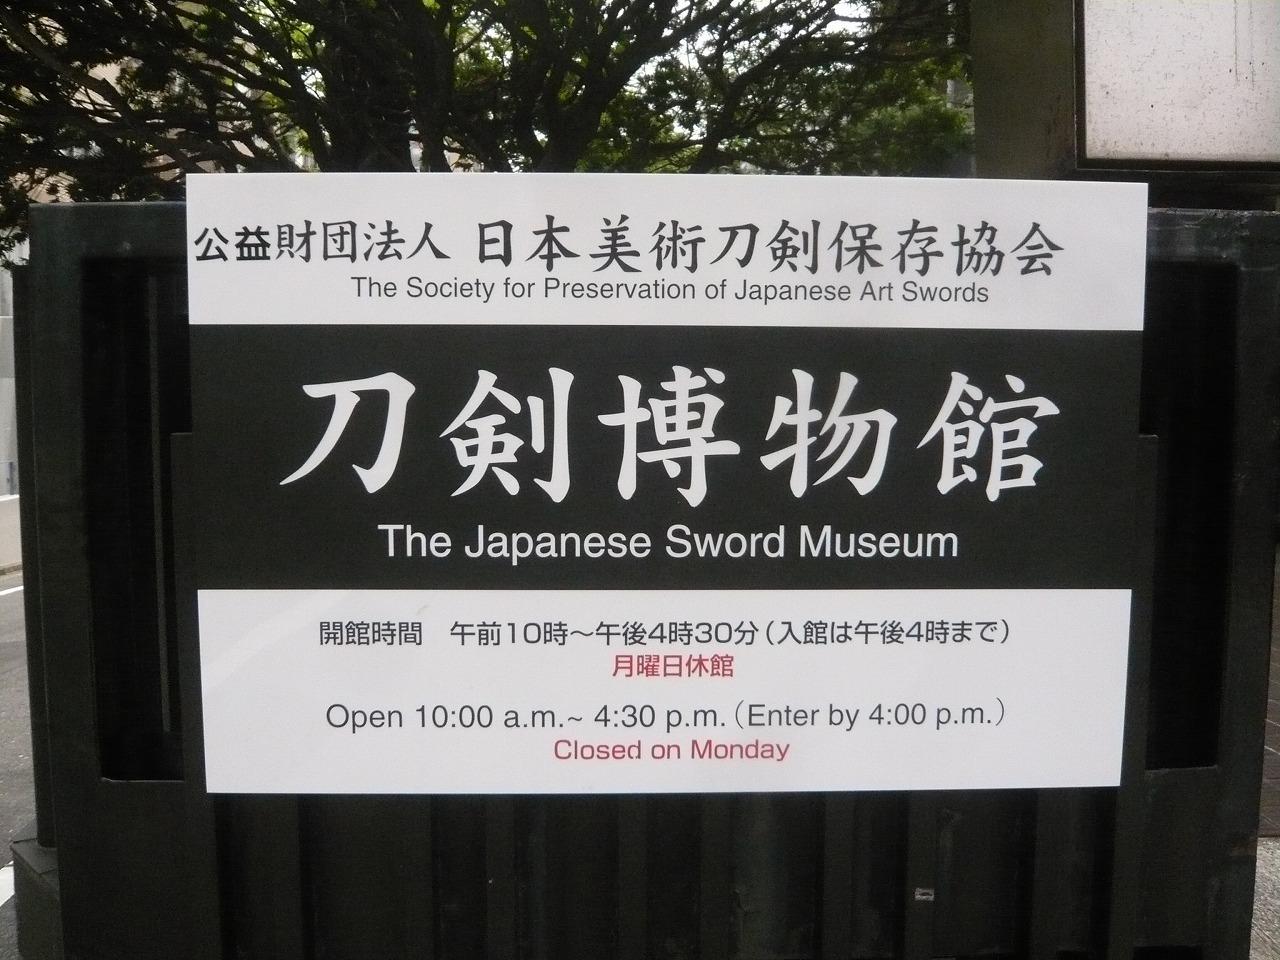 ポタリング 代々木・刀剣美術館_a0262093_18012153.jpg